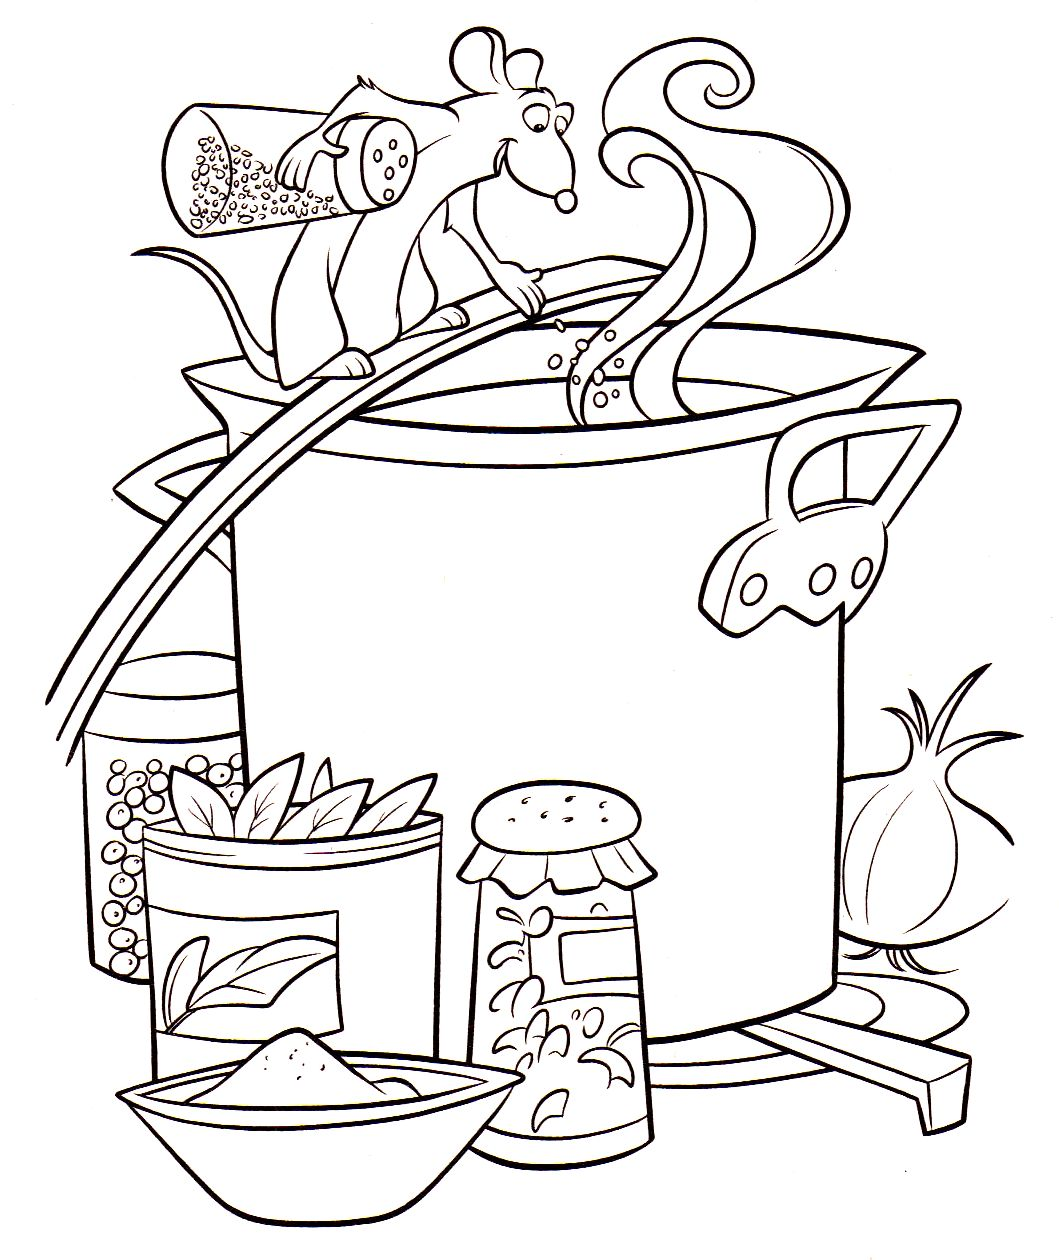 Coloriage a imprimer ratatouille remy cuisine gratuit et colorier - Dessin anime ratatouille gratuit ...